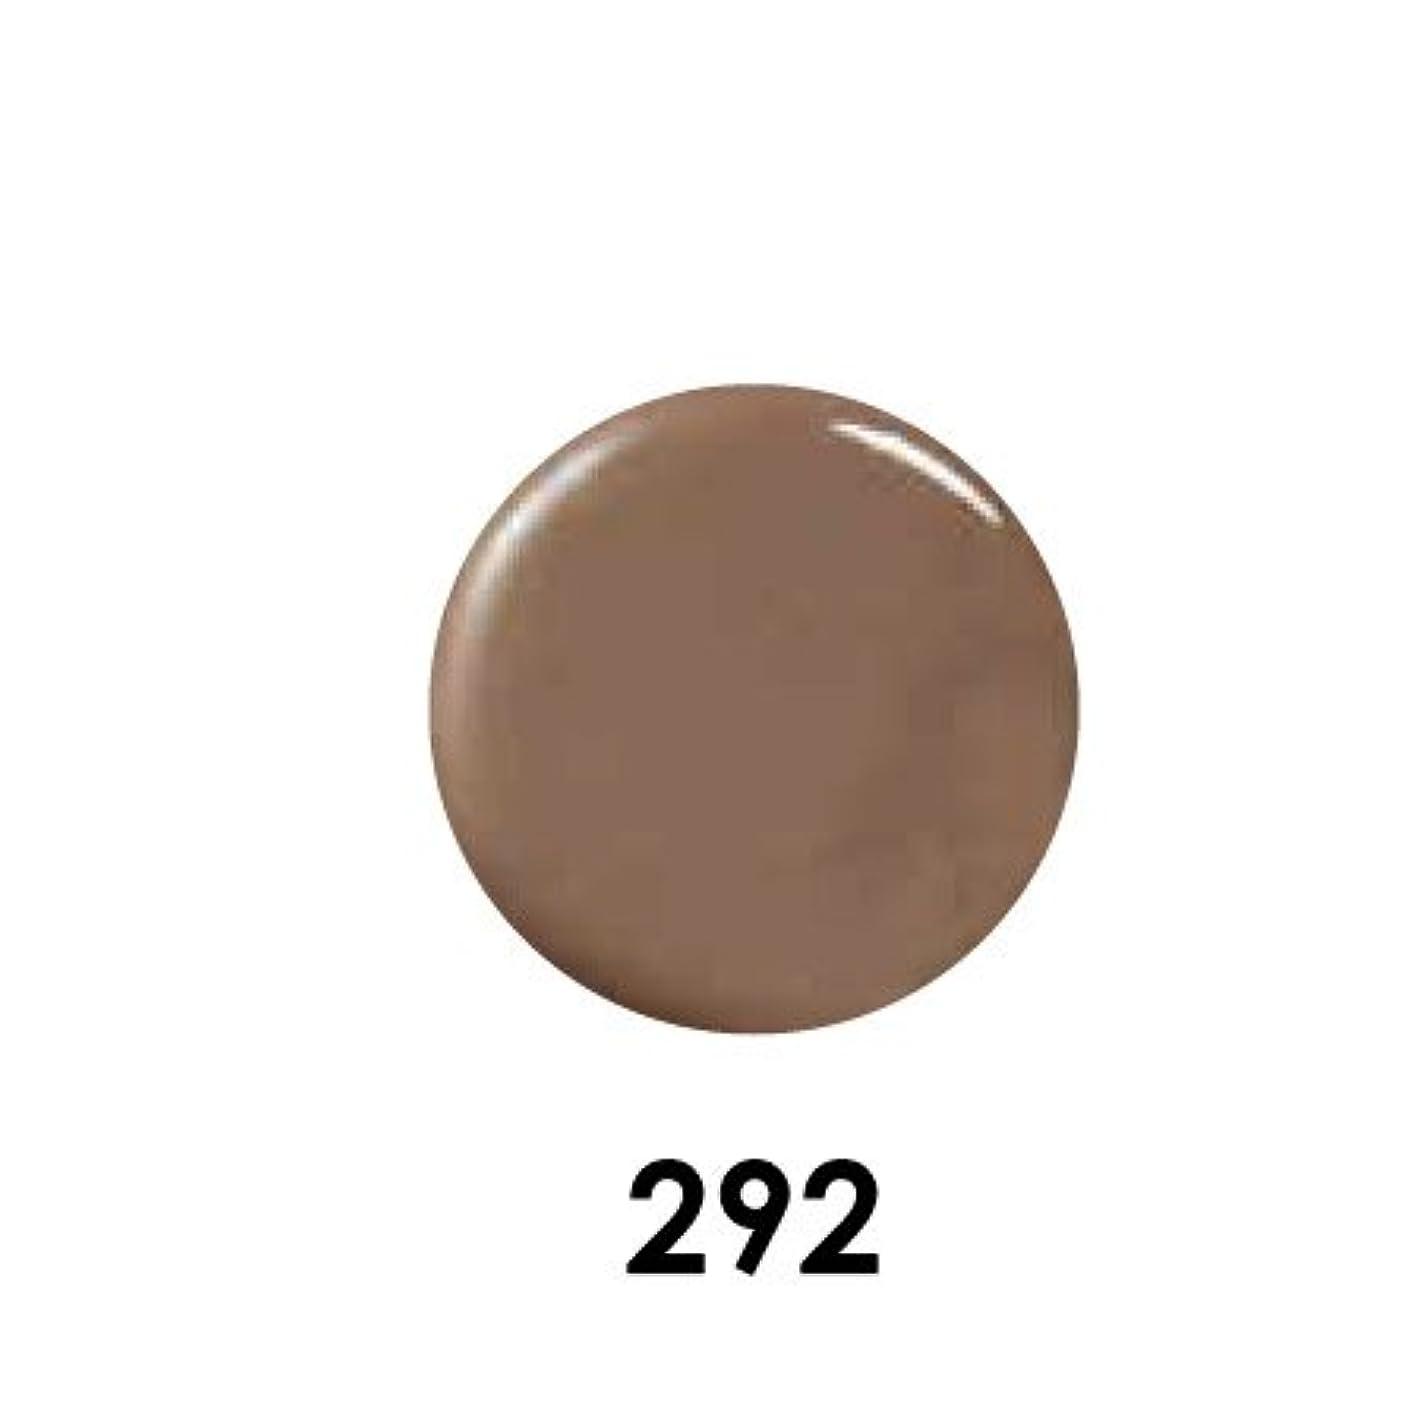 多様体秘密の使役Putiel プティール カラージェル 292 ジプシーブラウン 2g (MARIEプロデュース)